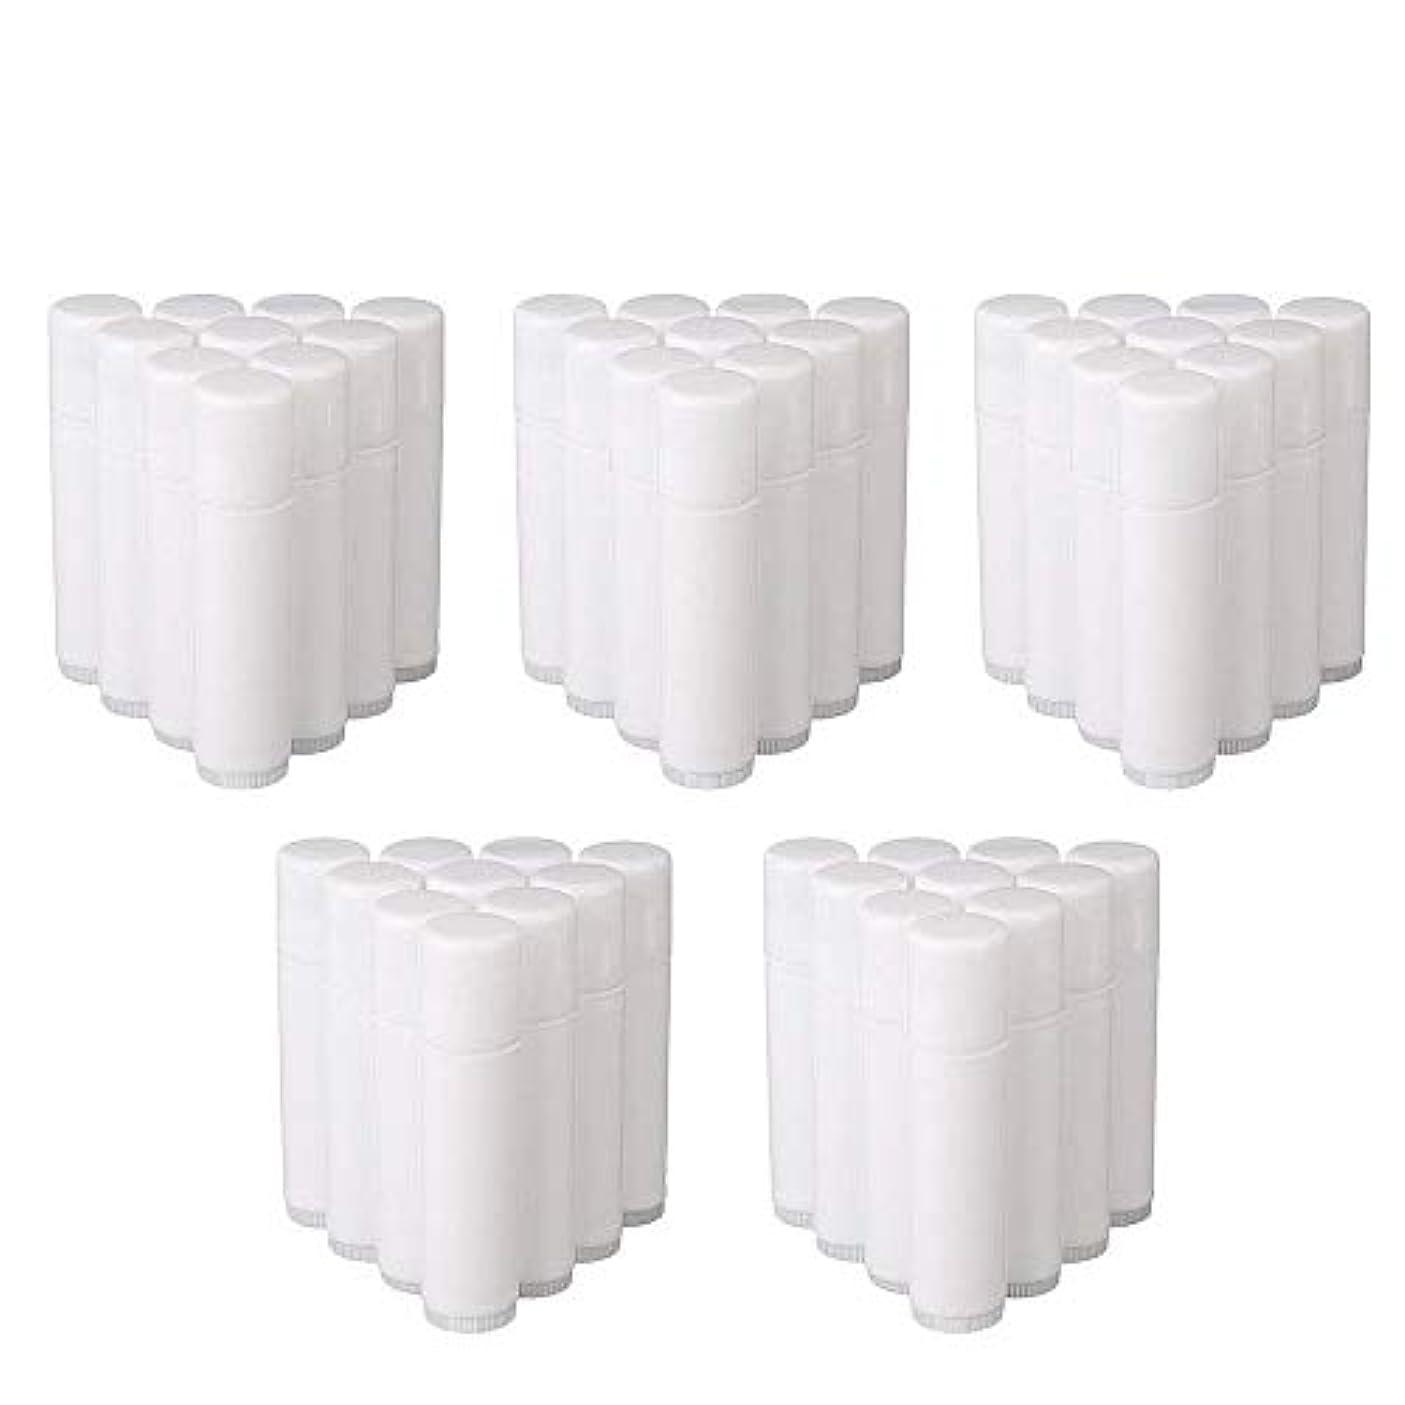 失望させる求める生命体COOLBOTANG リップバームチューブ リップクリーム 繰り出し ホワイト 手作りコスメ 手作り化粧品/リップクリーム 50個 5g ミニ 詰め替え容器